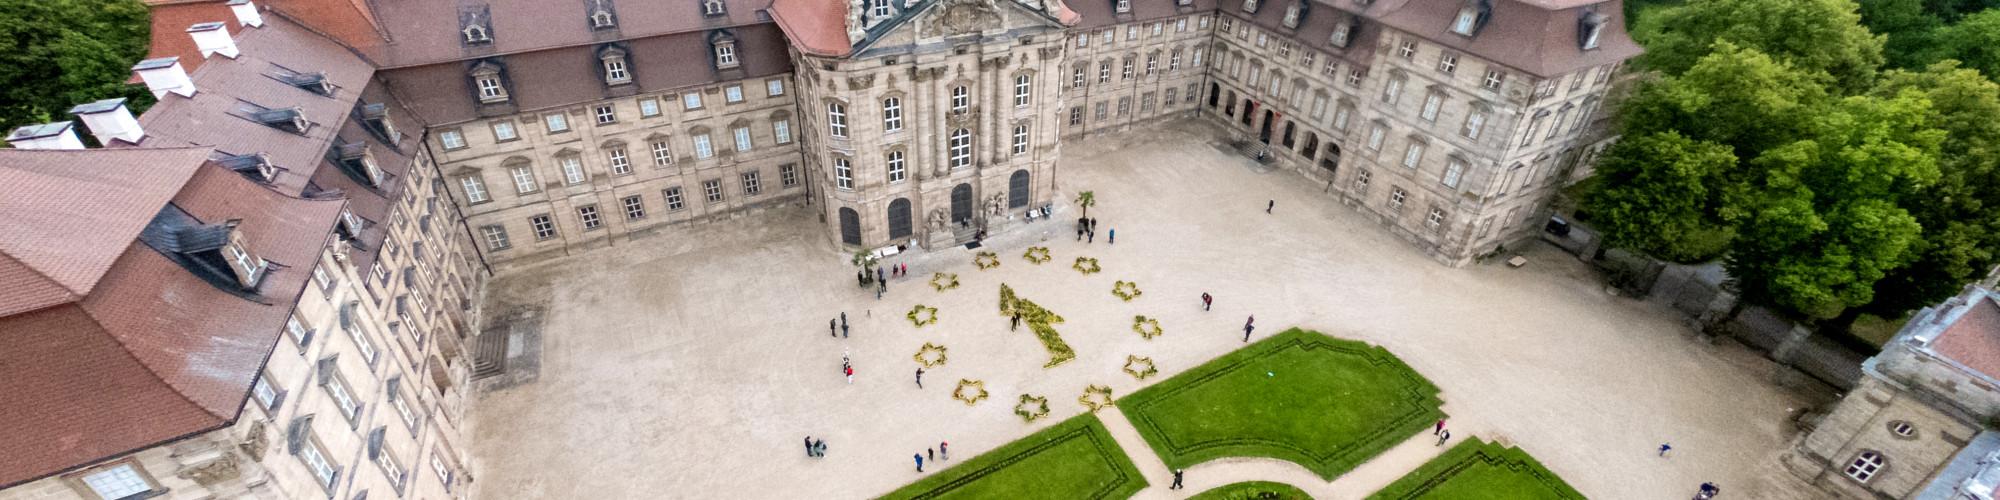 Beedabei-Kunstwerk-SchlossW